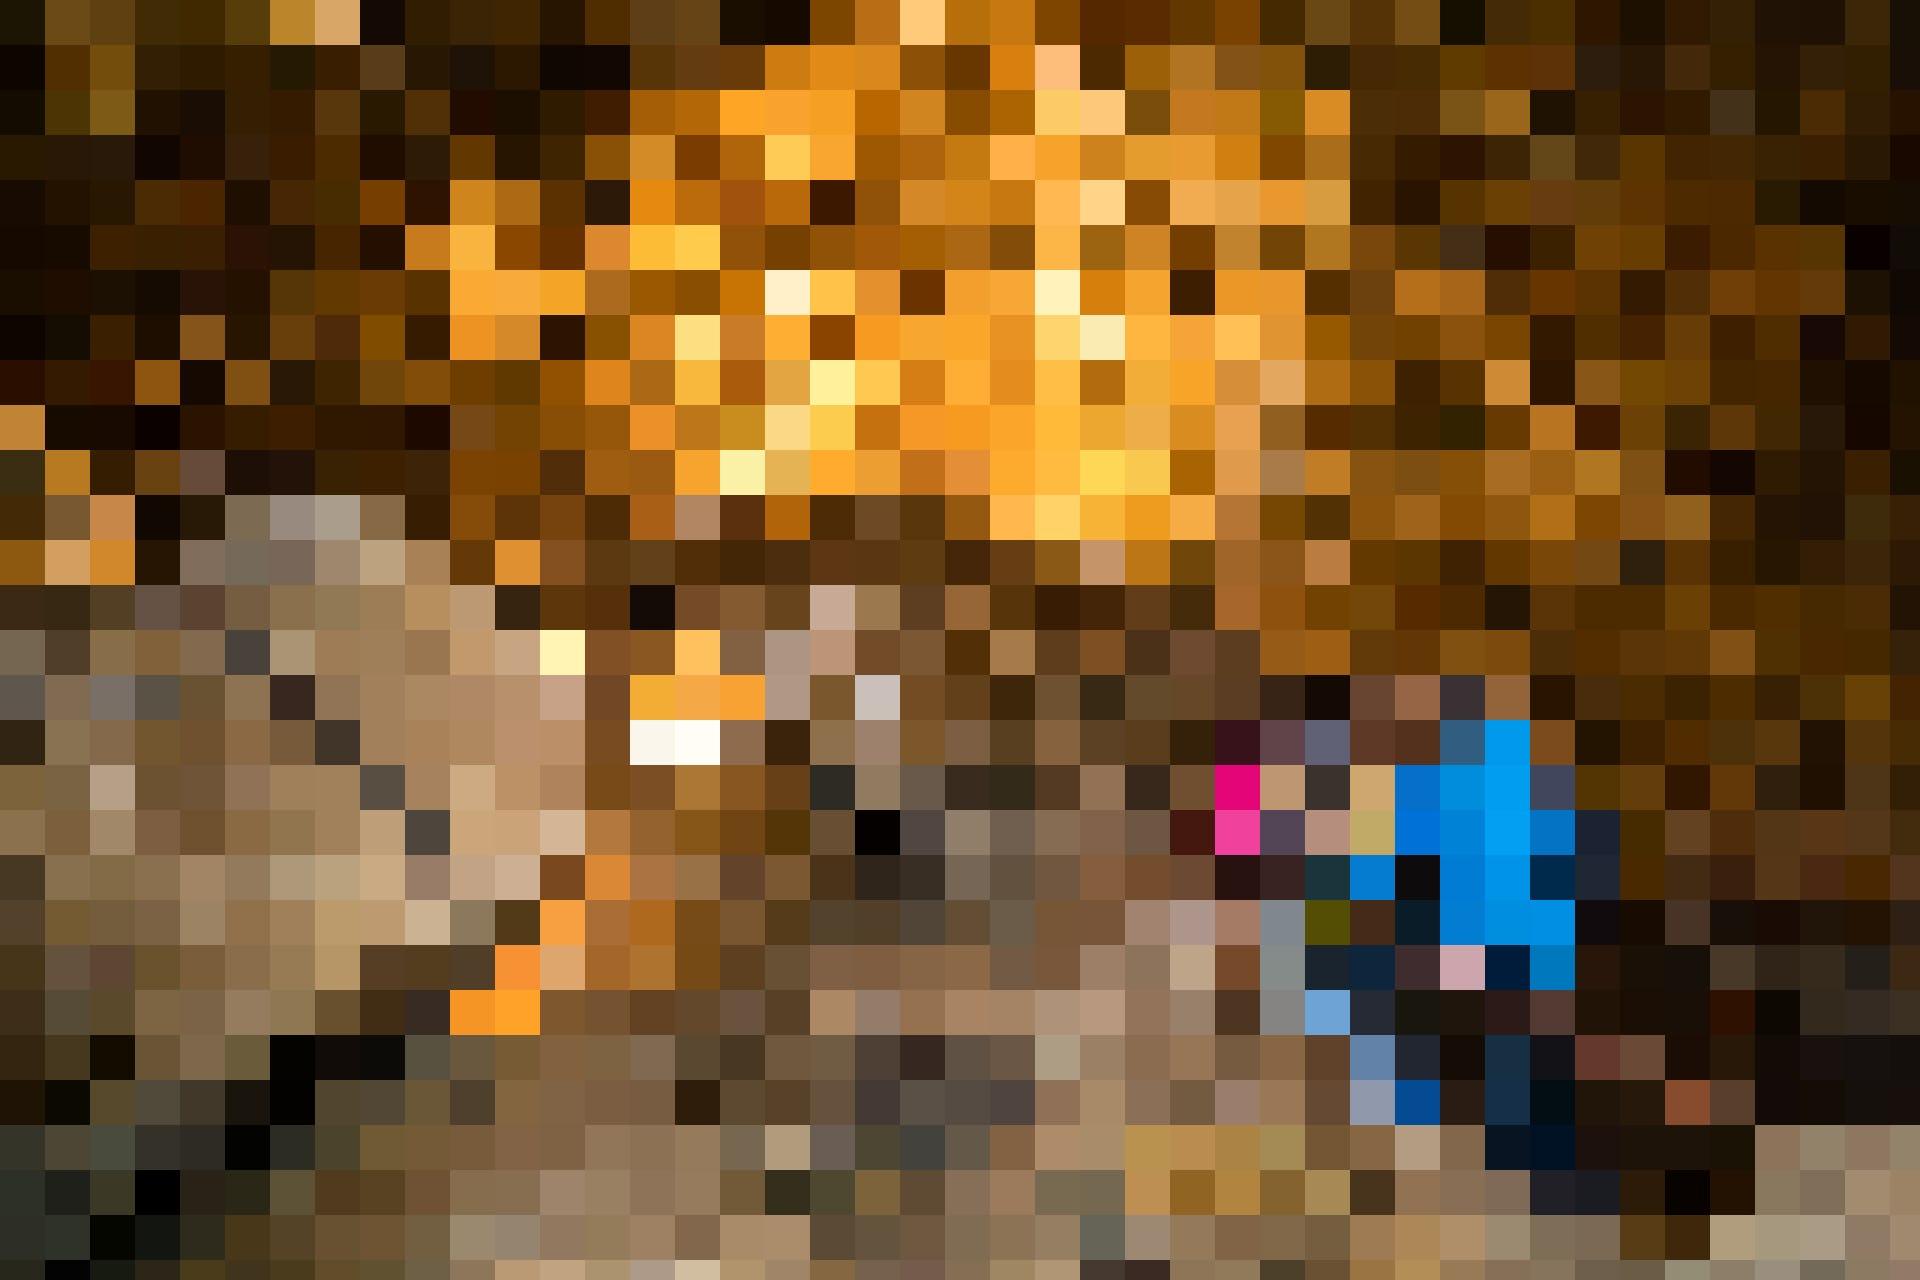 Les grottes de Vallorbe sont incontournables et toujours aussi impressionnantes, tant pour les petits que pour les grands.